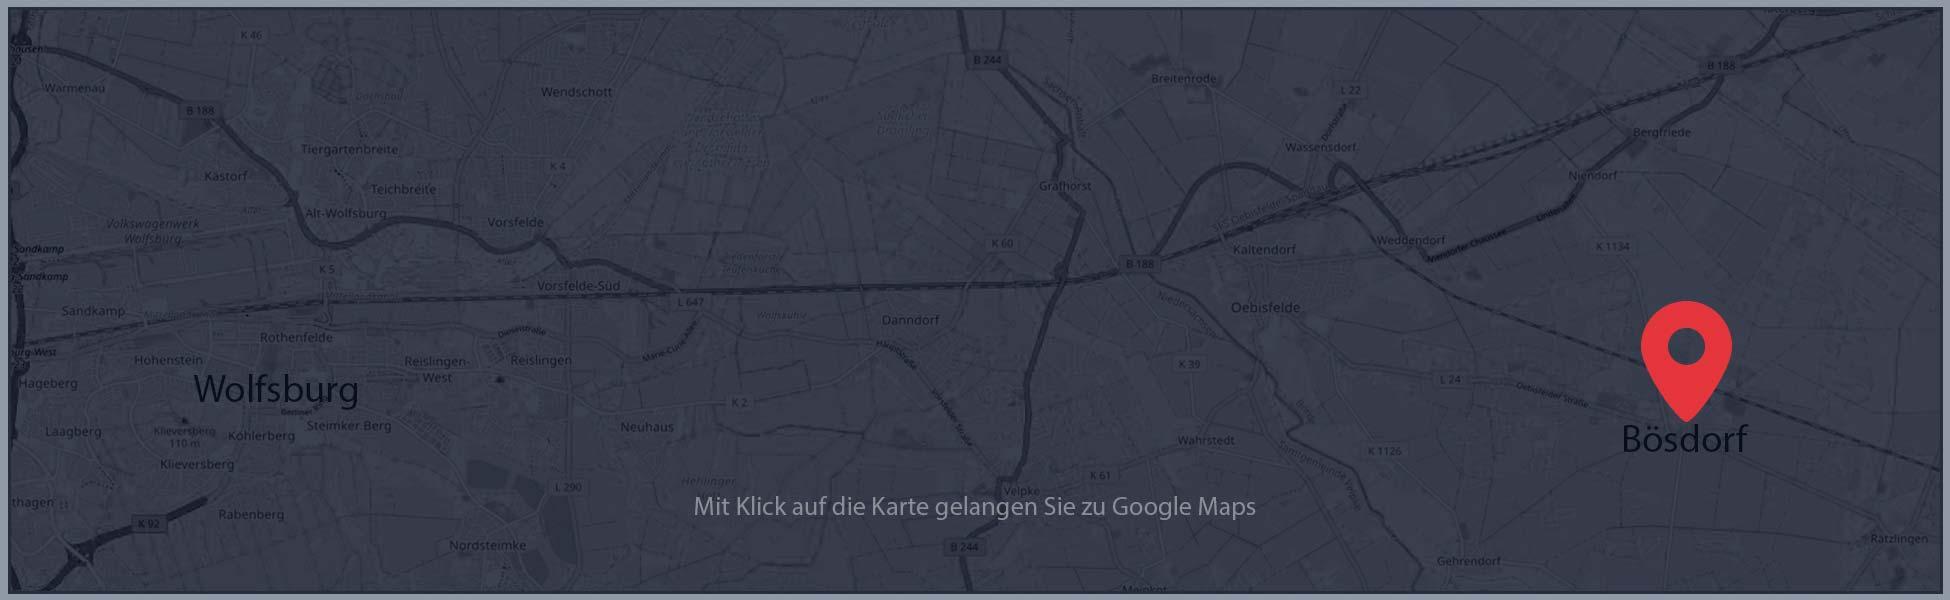 pallas-karte-map